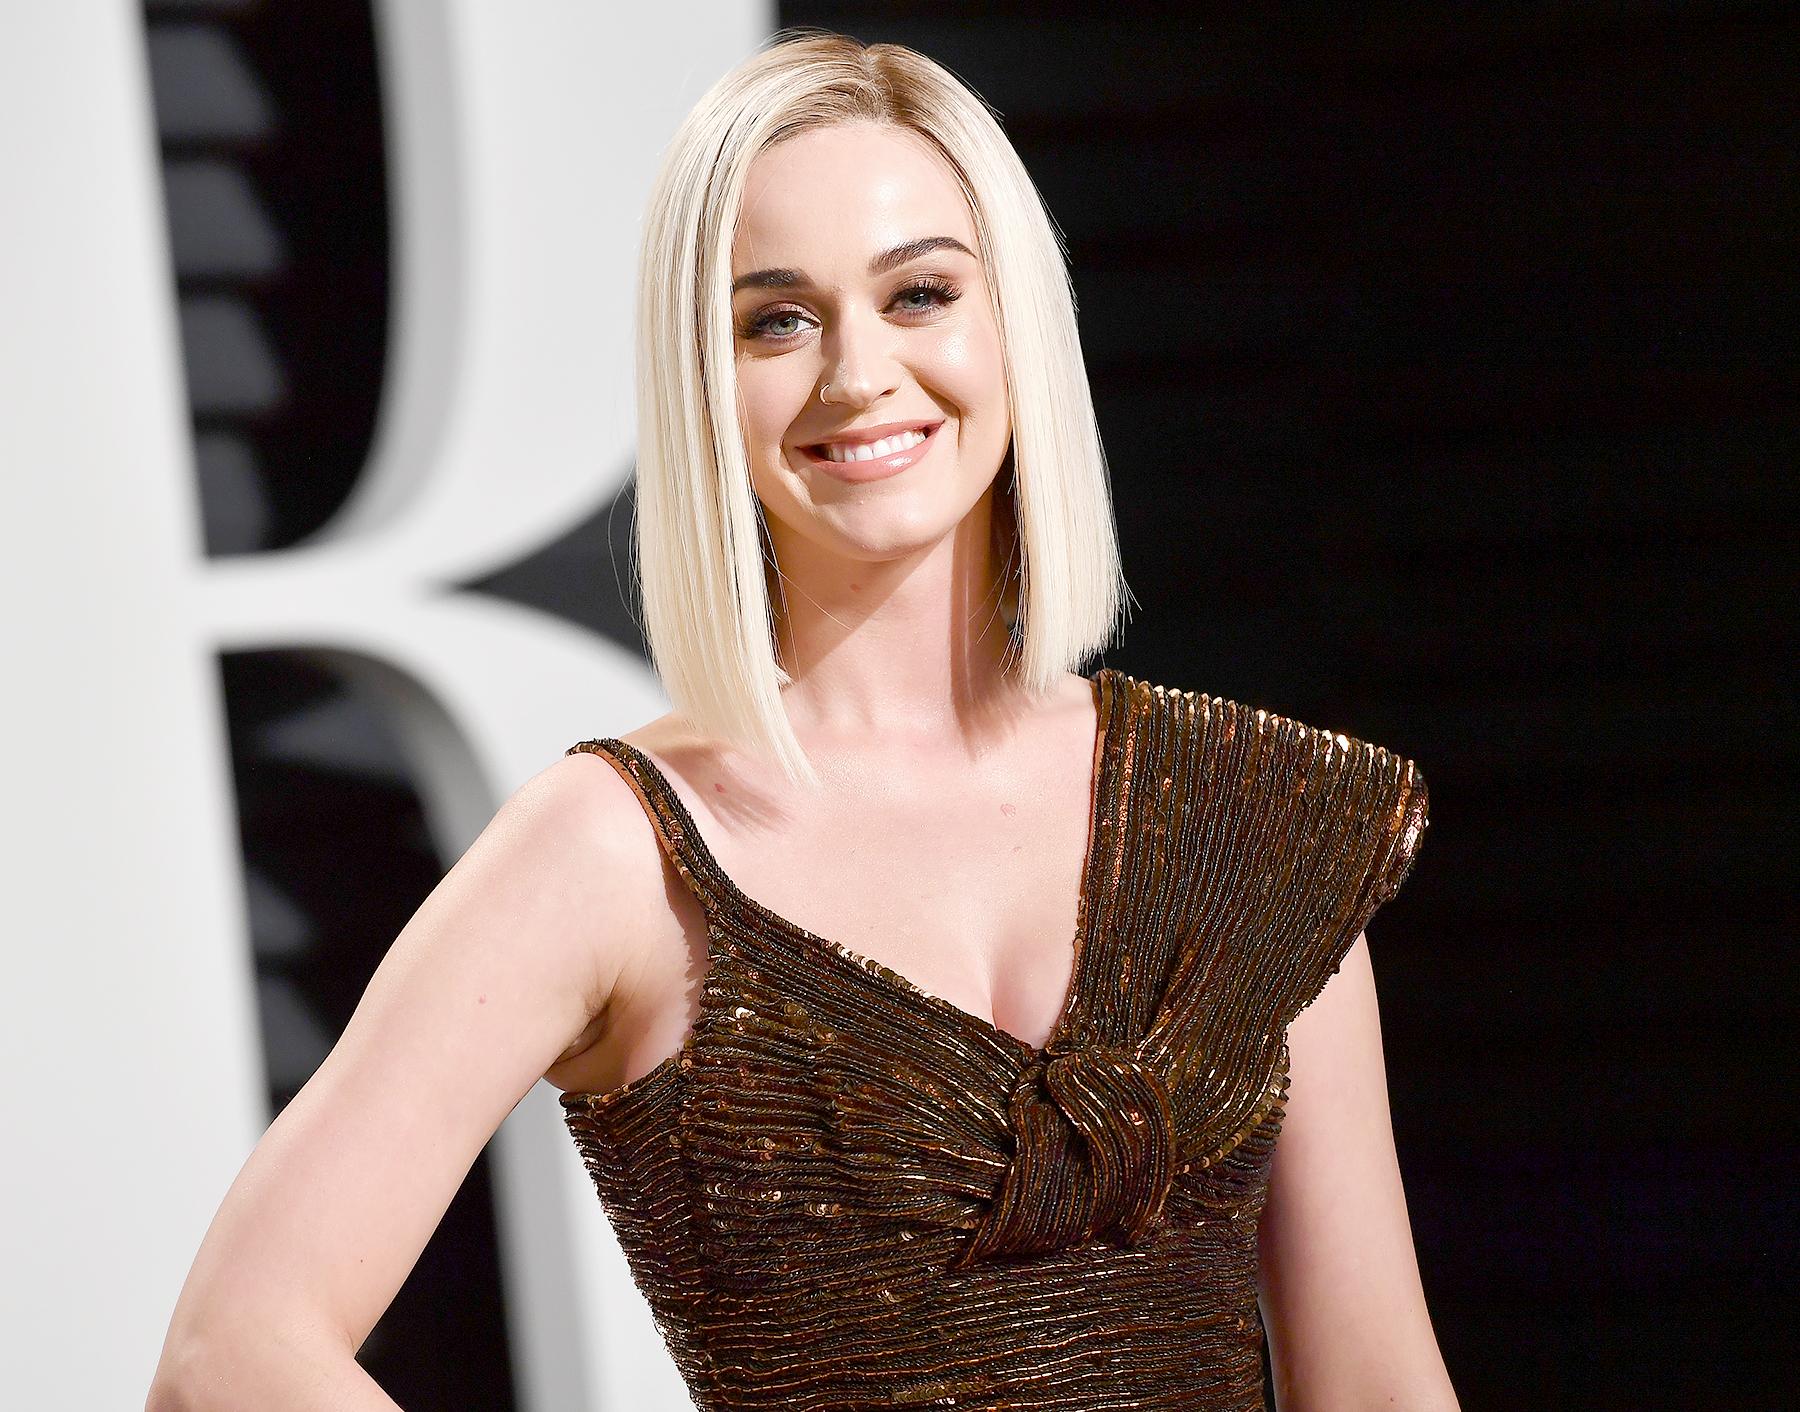 Katy Perry social media